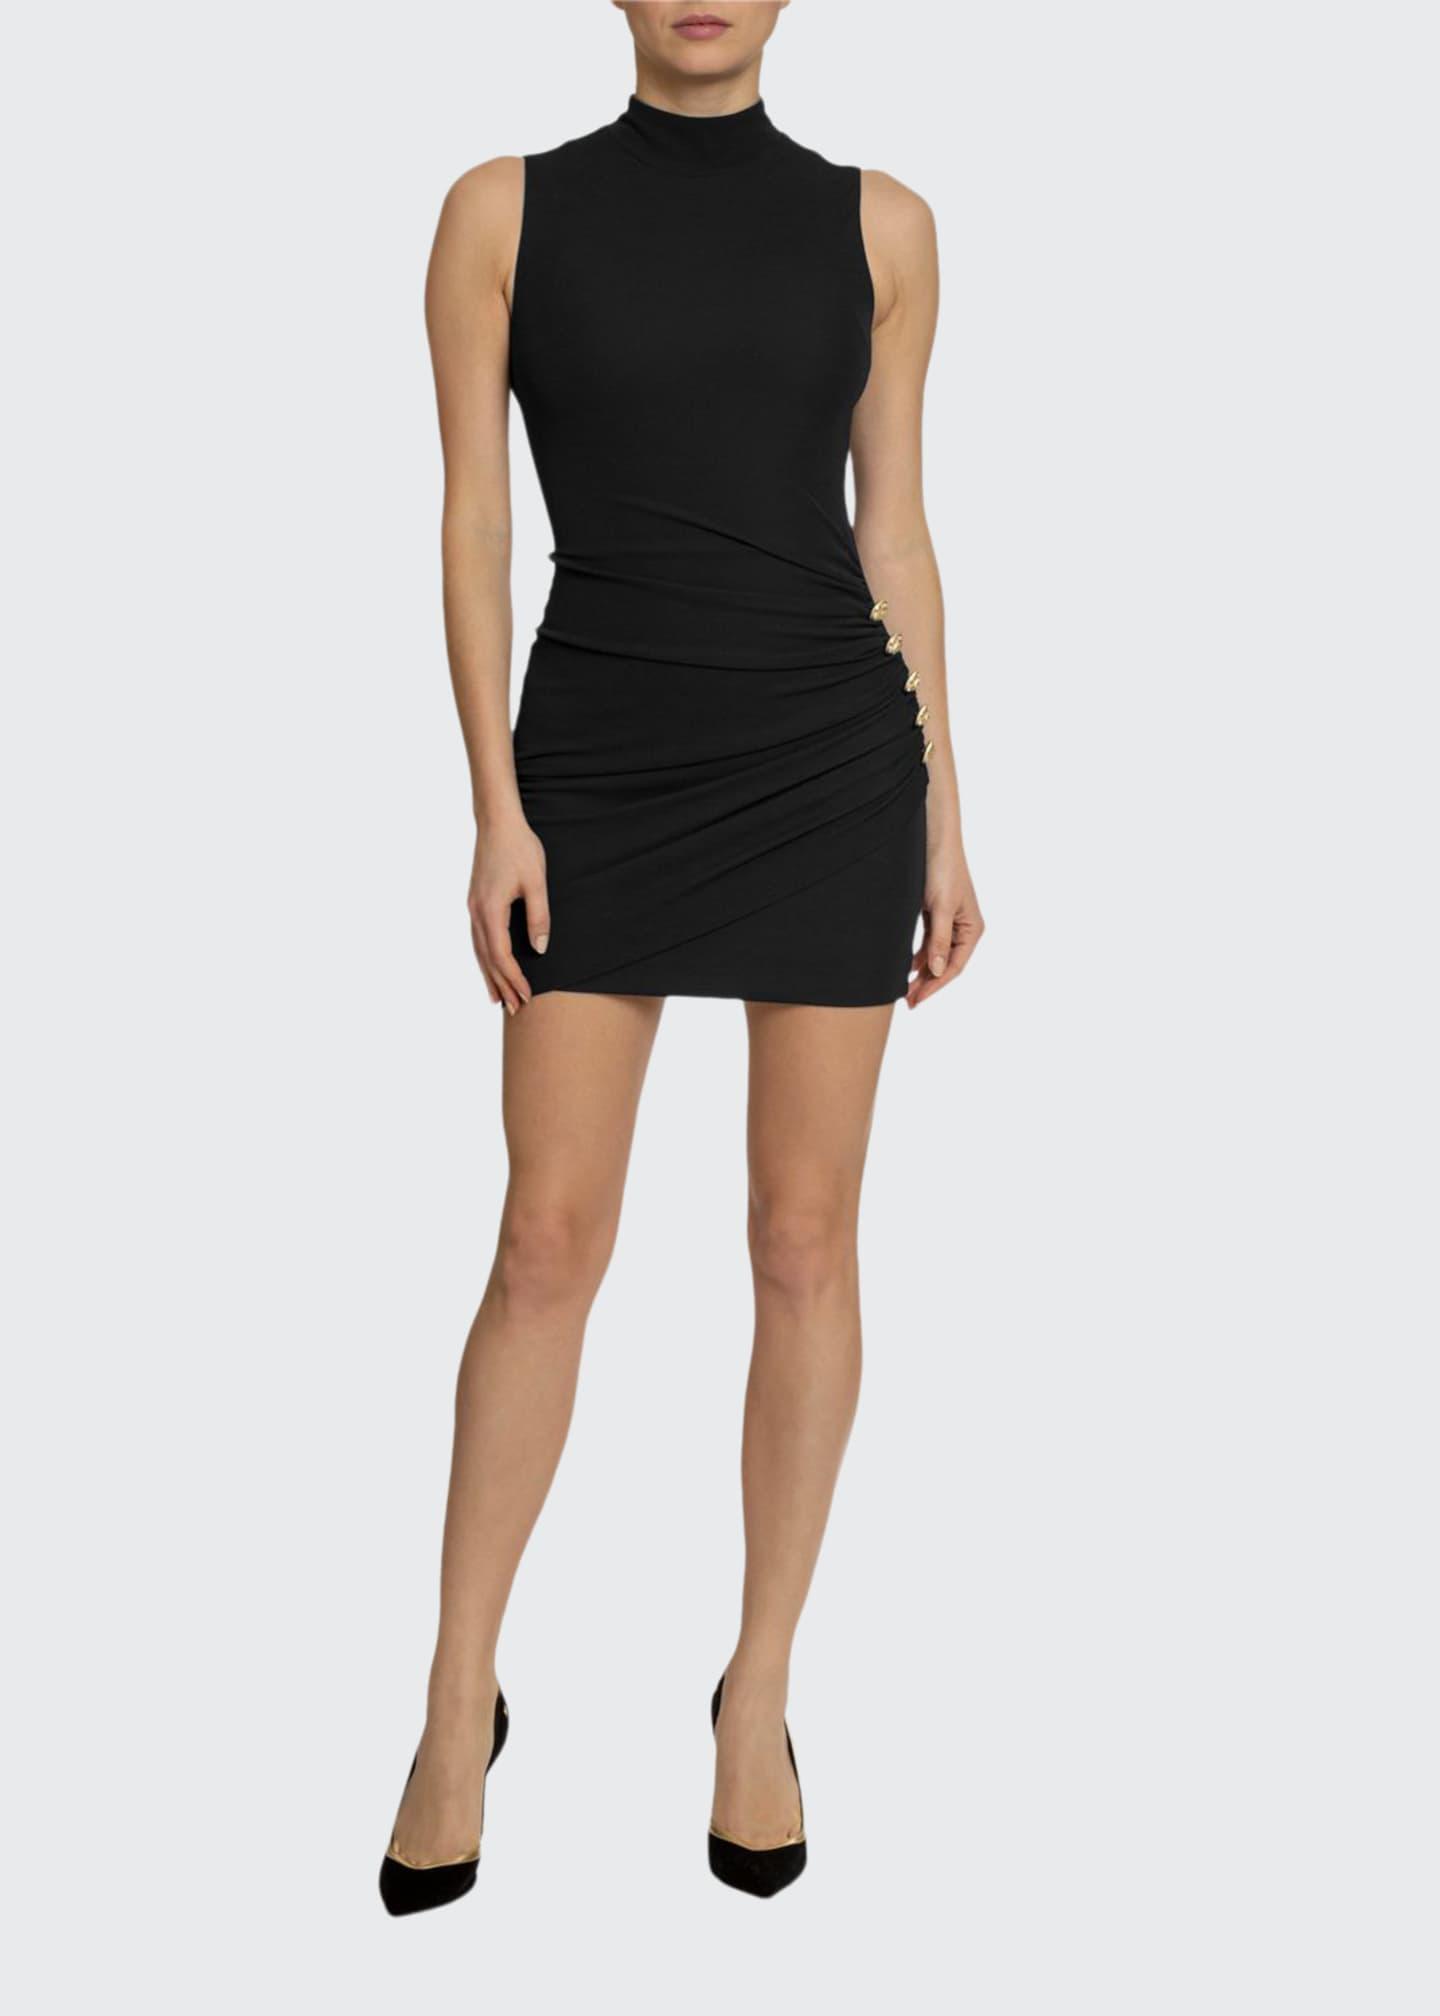 Balmain Ruched Button-Waist Cocktail Dress